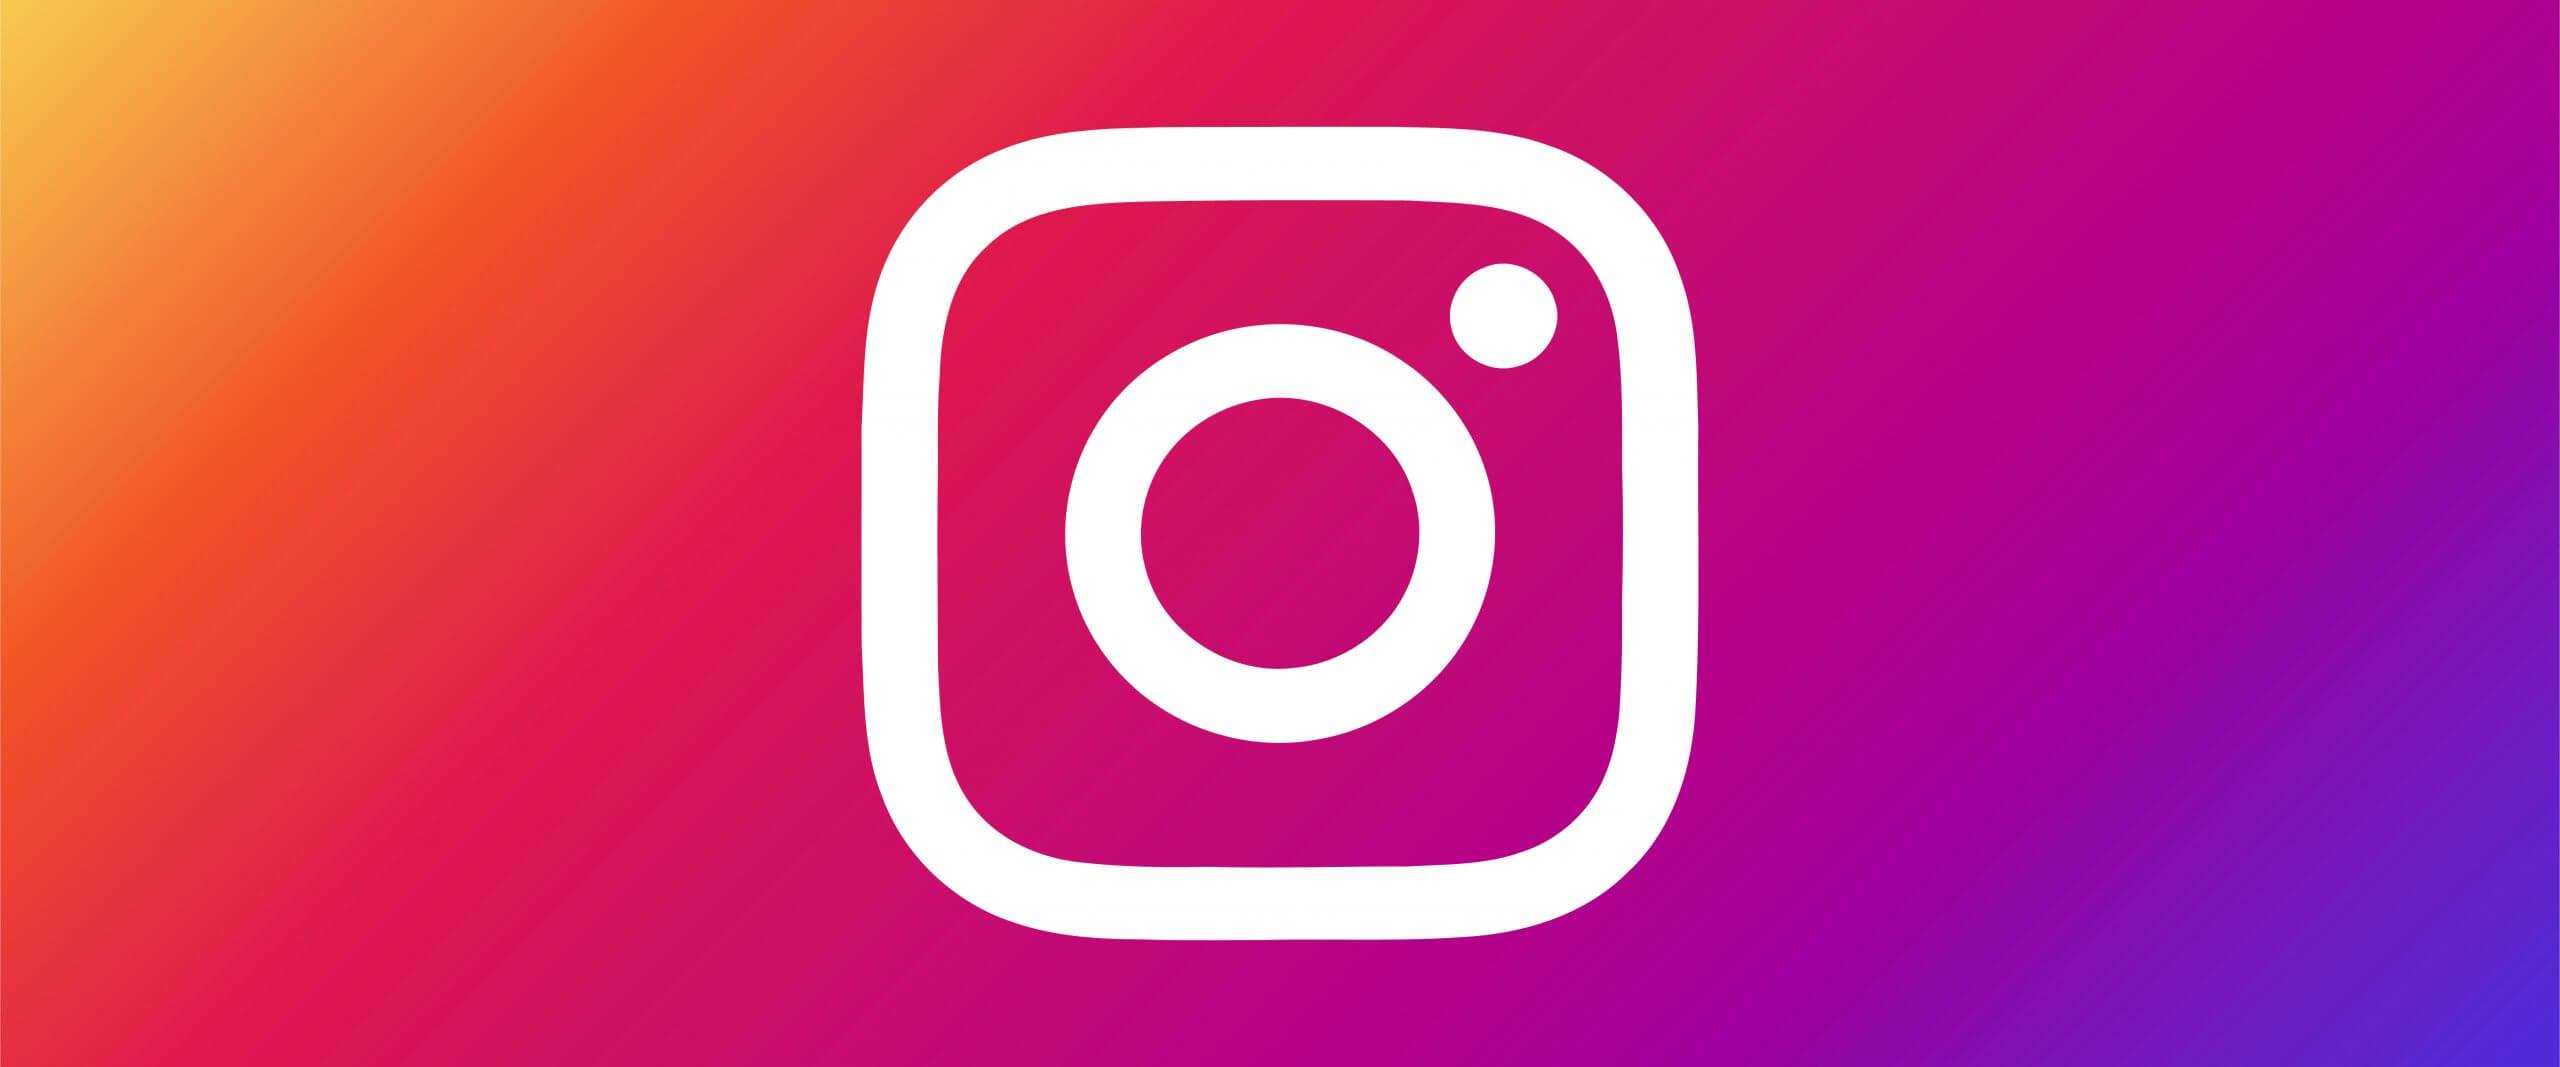 Instagram la ricerca per parole chiave